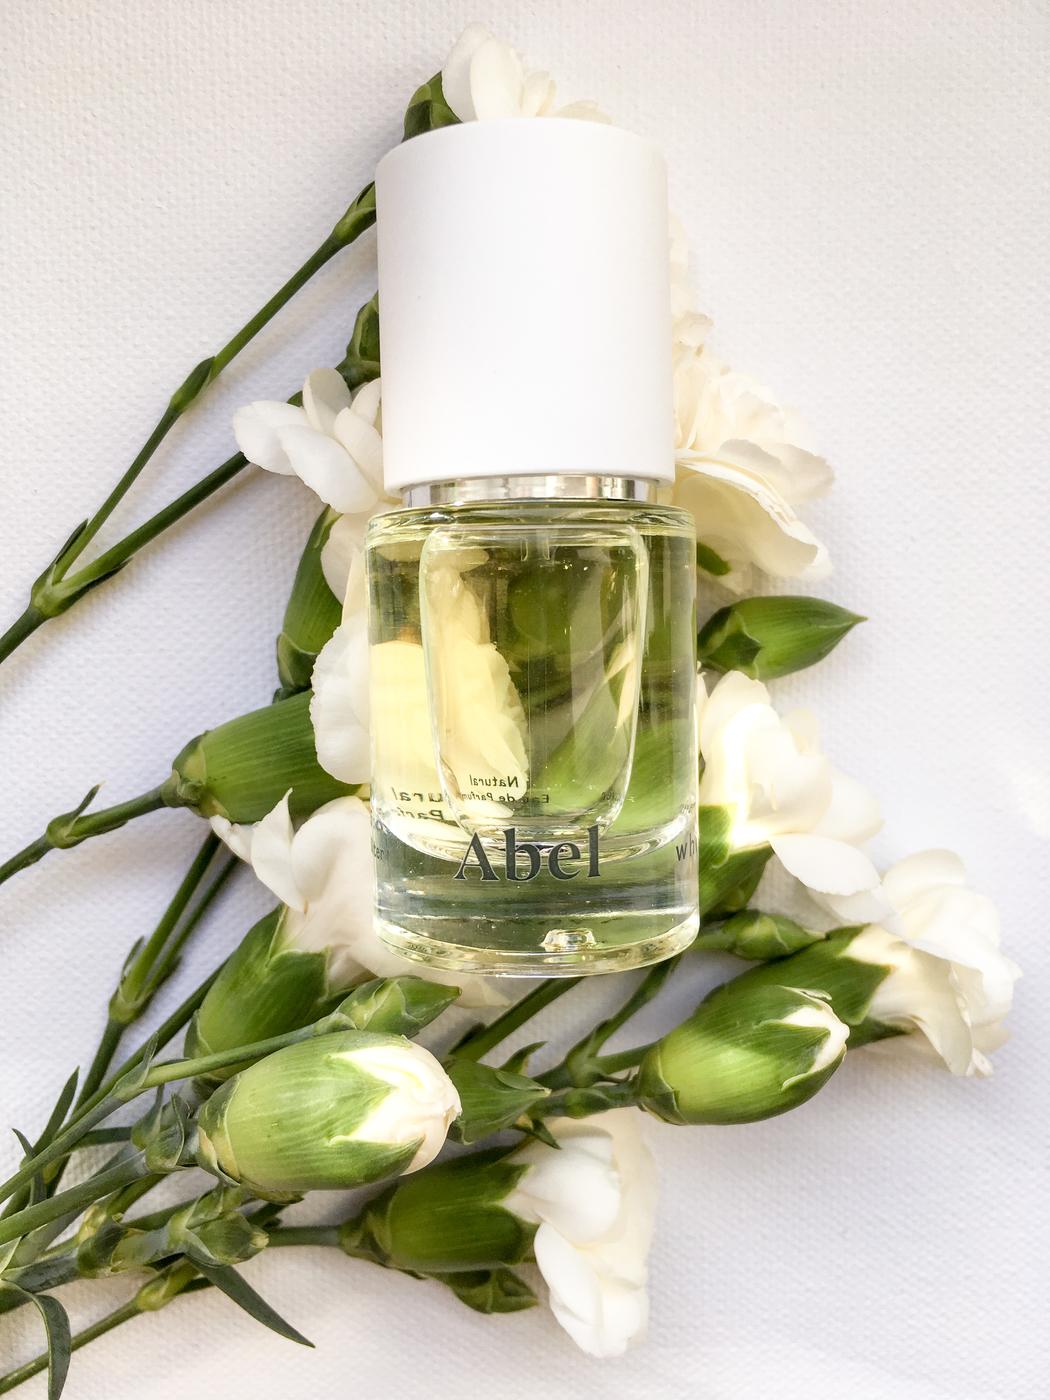 Vaihdoin synteettiset parfyymit luonnollisiin: Abel Vita Odor